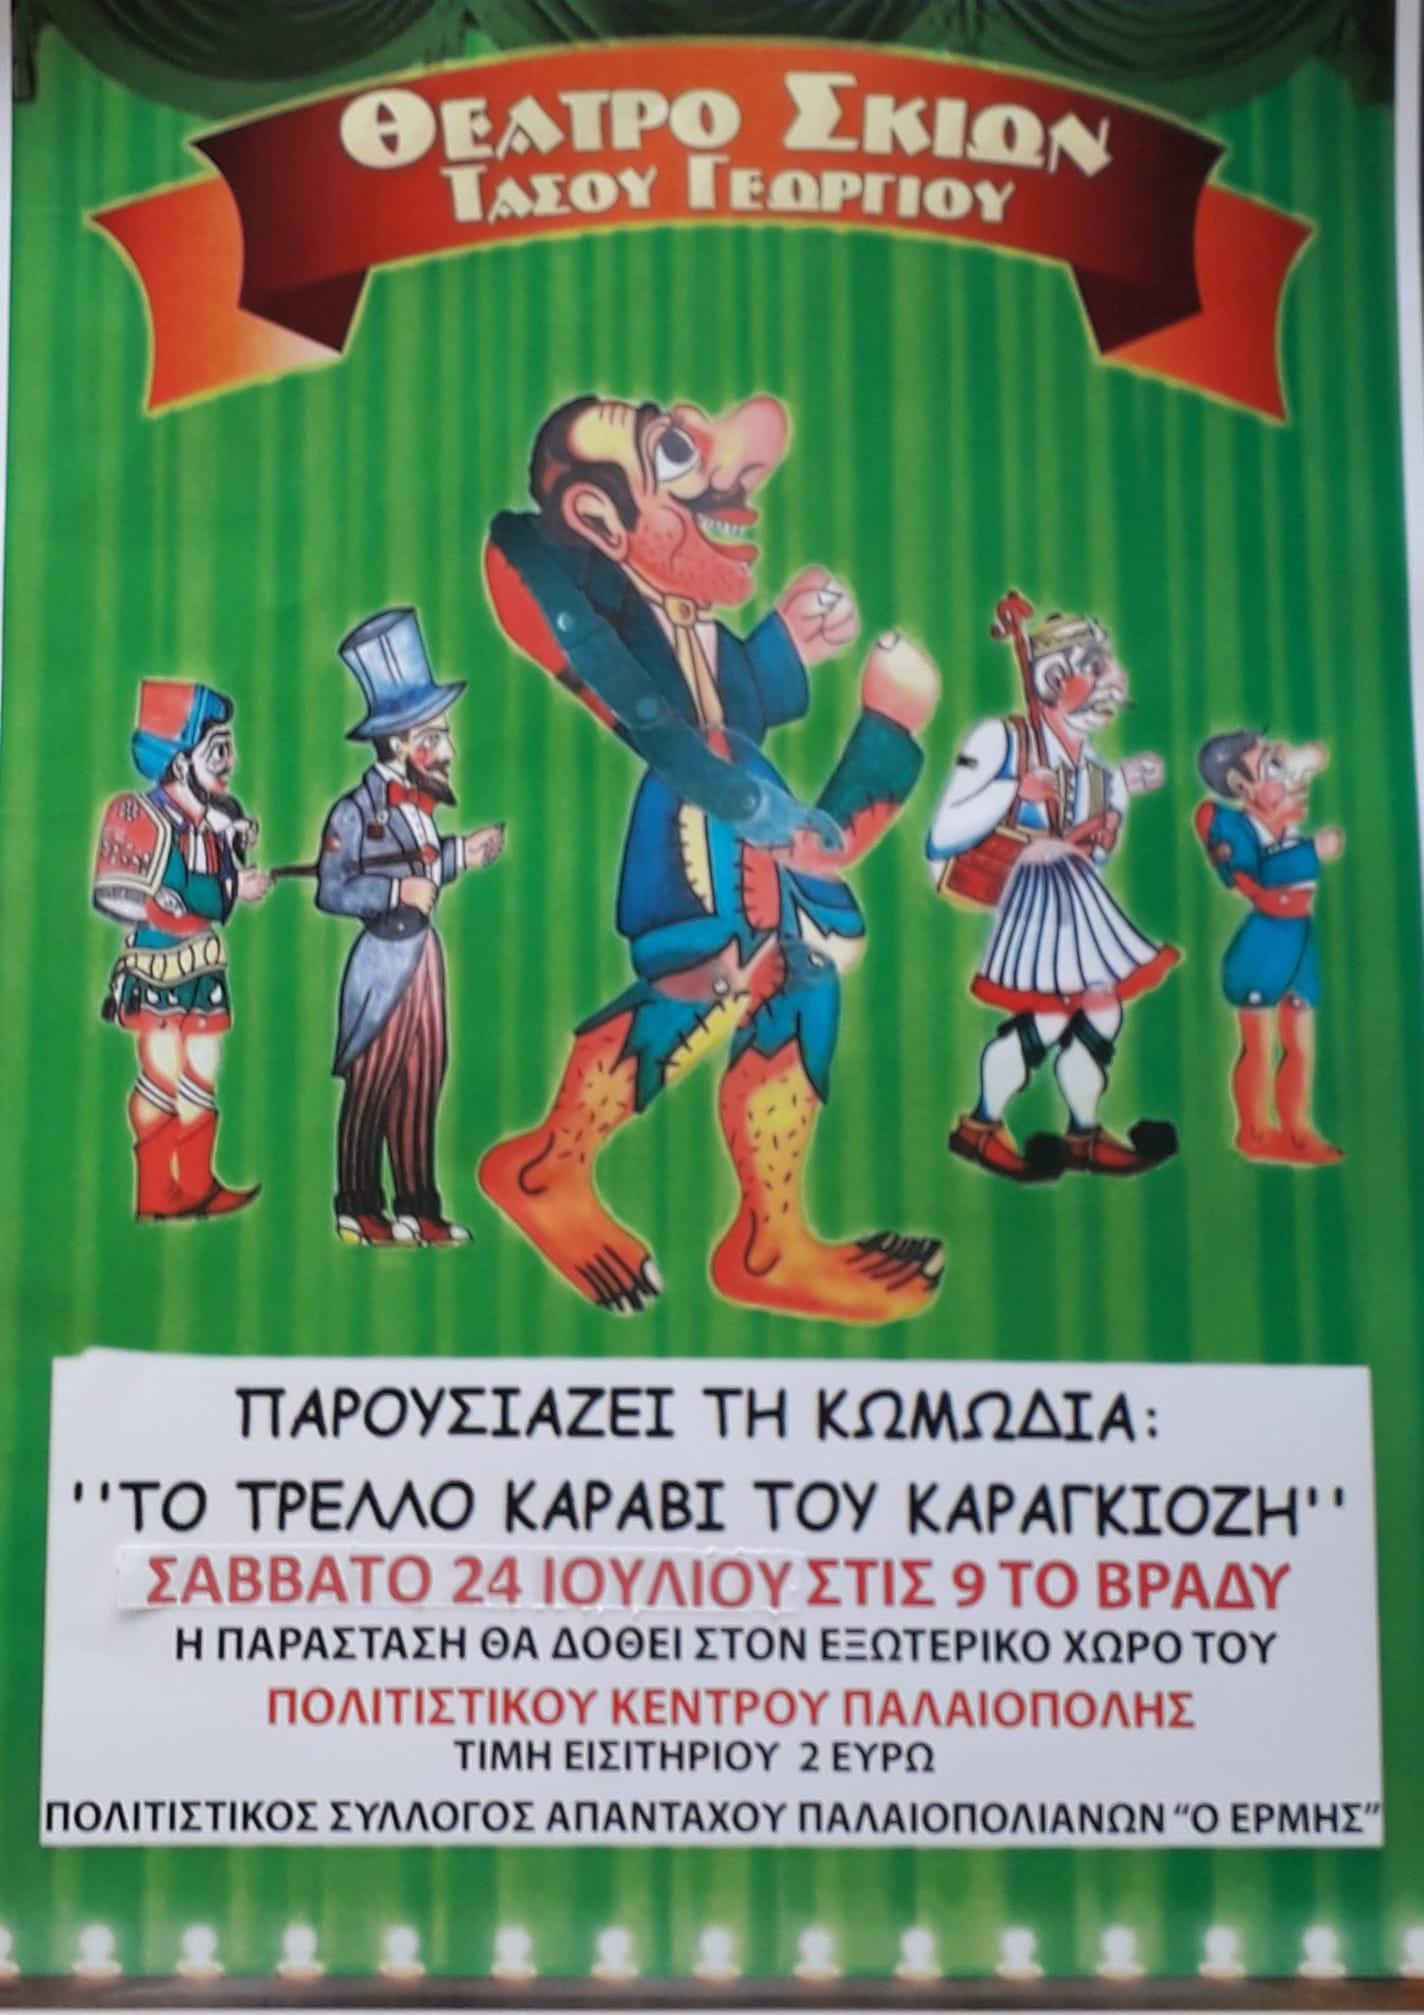 Σάββατο 24 Ιουλίου: Θέατρο σκιών στην Παλαιόπολη